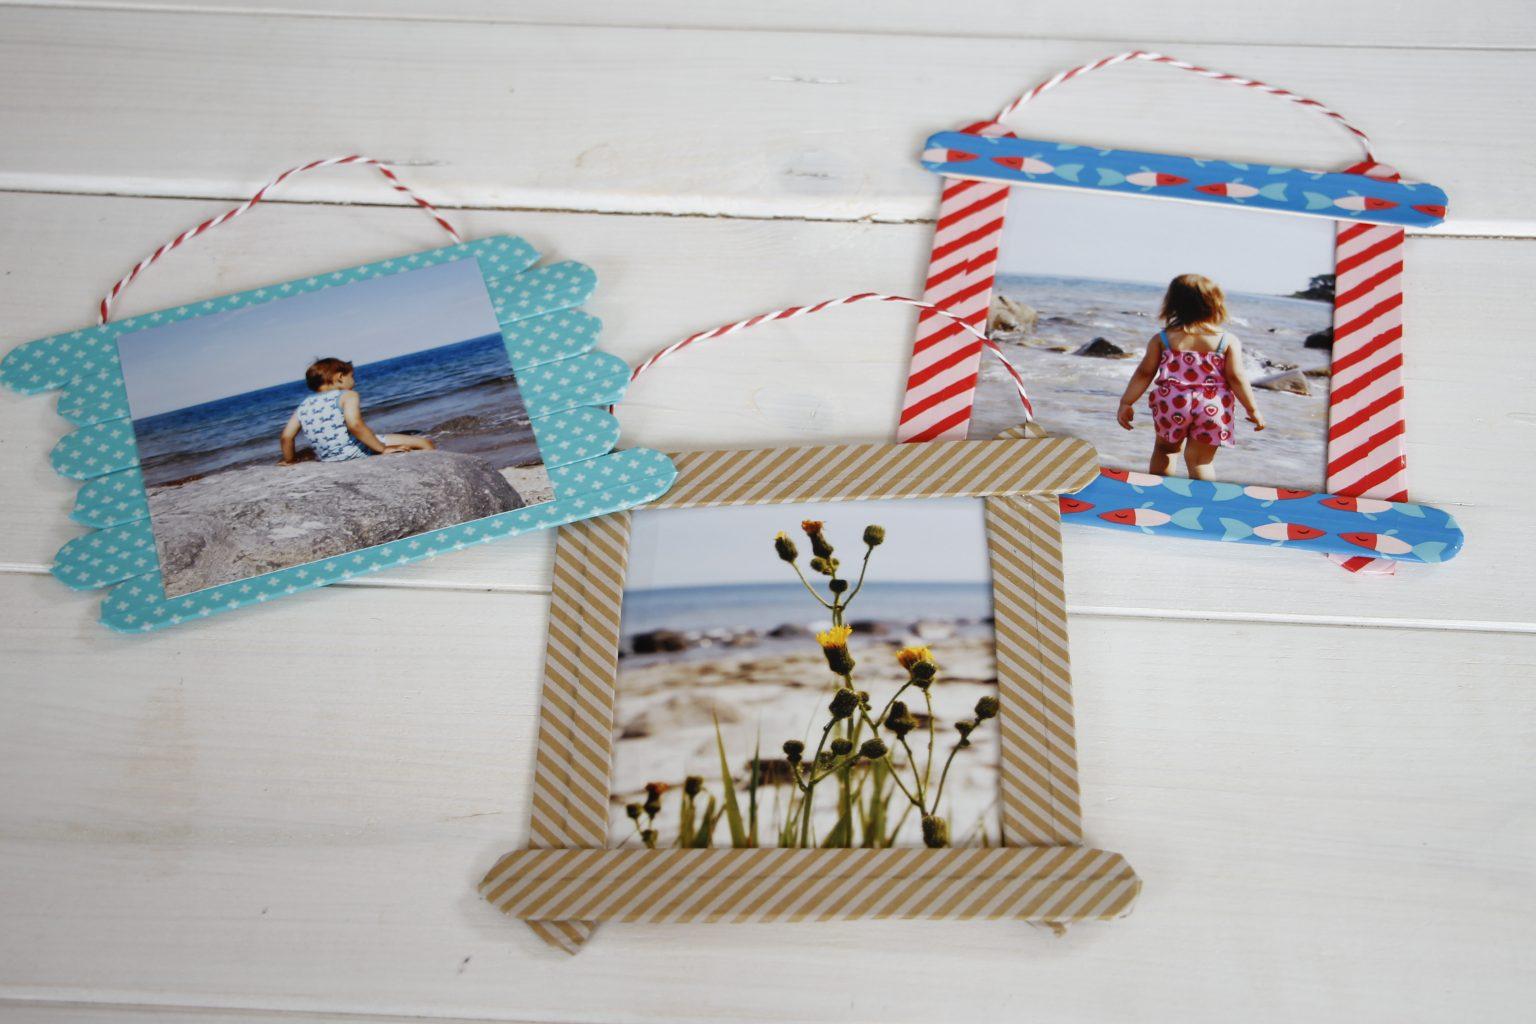 Bastelidee Kinder Bilderrahmen aus Holzstielen PixelNet